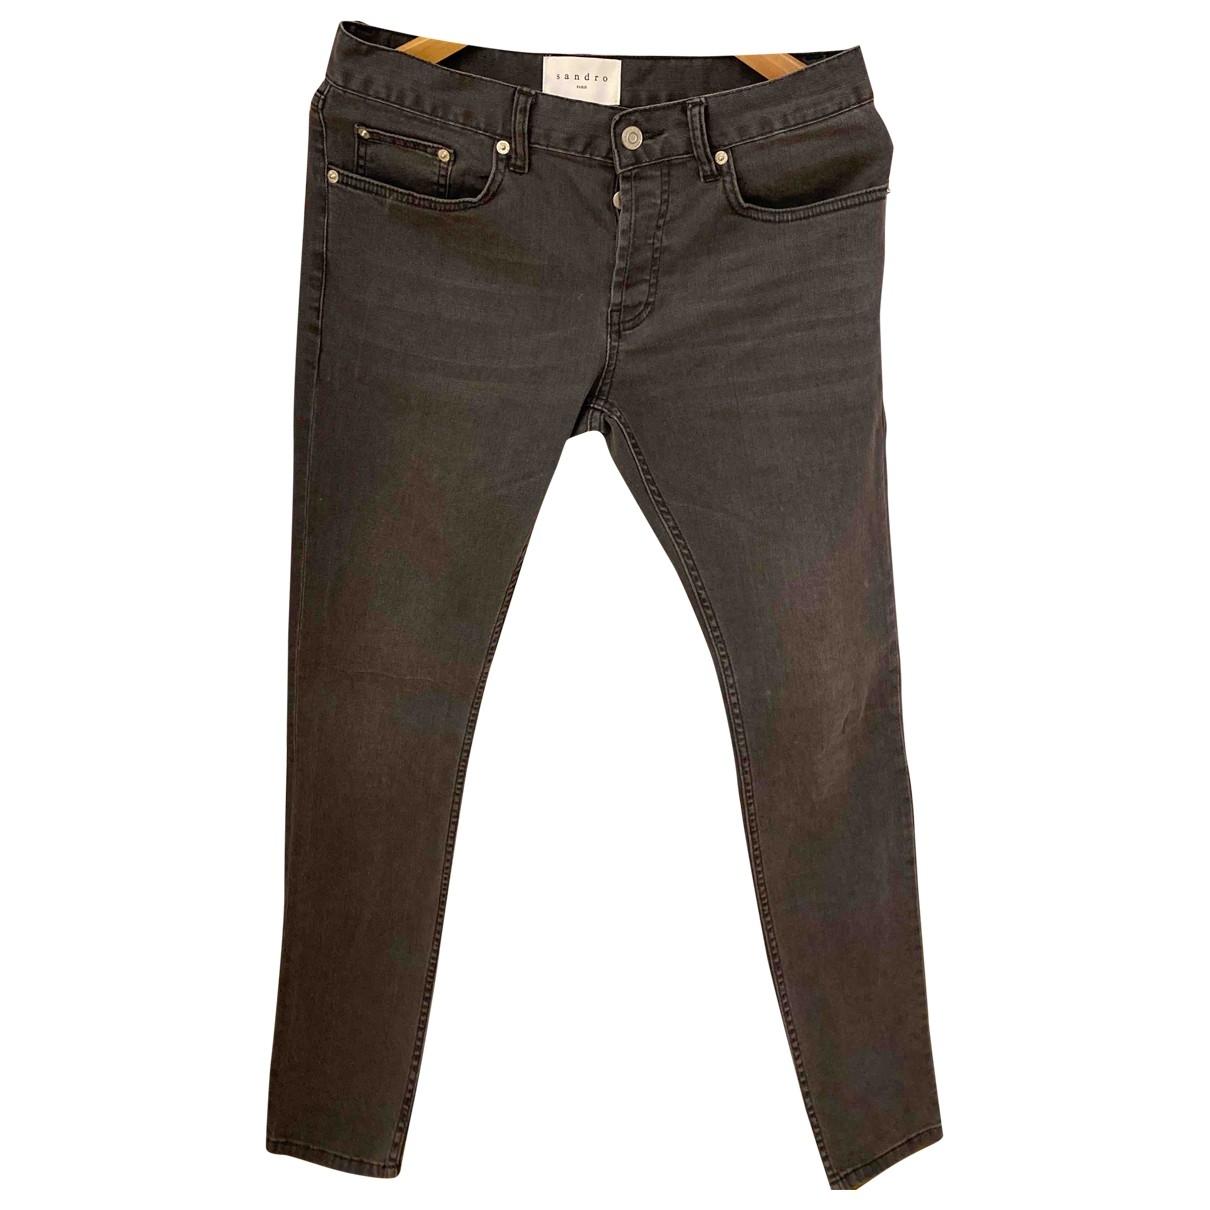 Sandro \N Grey Denim - Jeans Trousers for Men 28 UK - US